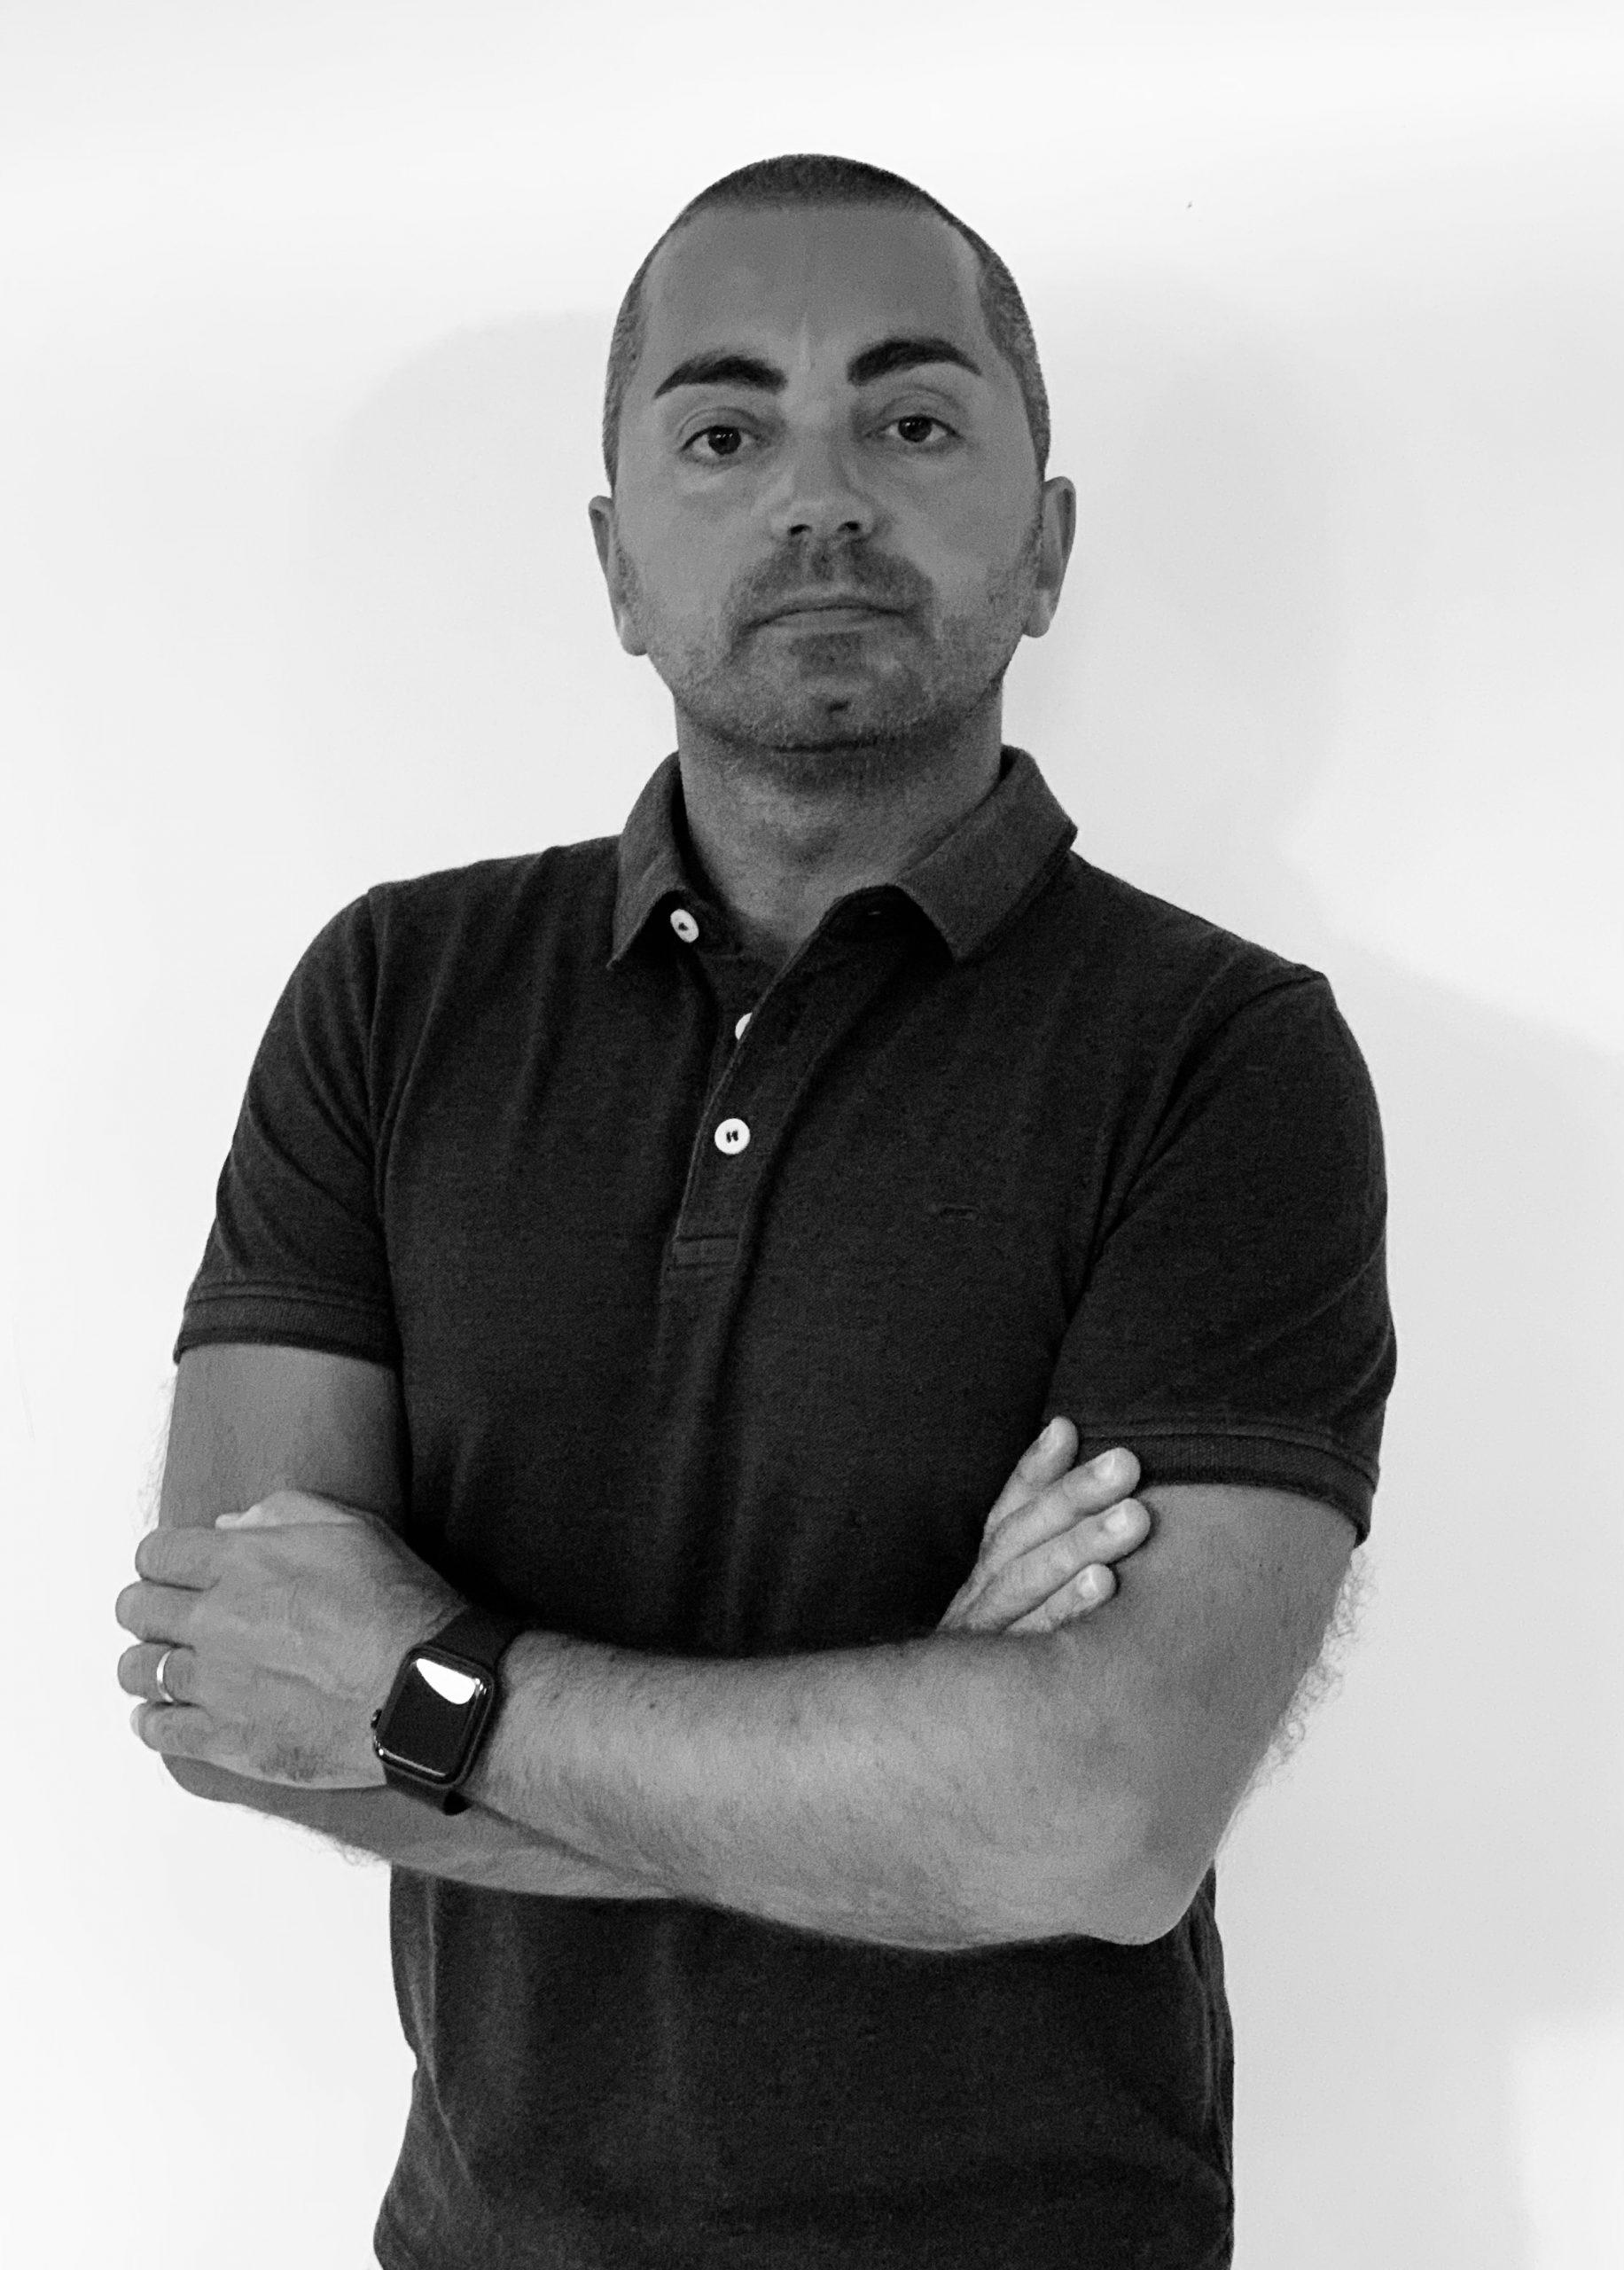 Andrea Stasio insegnante di danza all'Istituto superiore danza di Ariccia